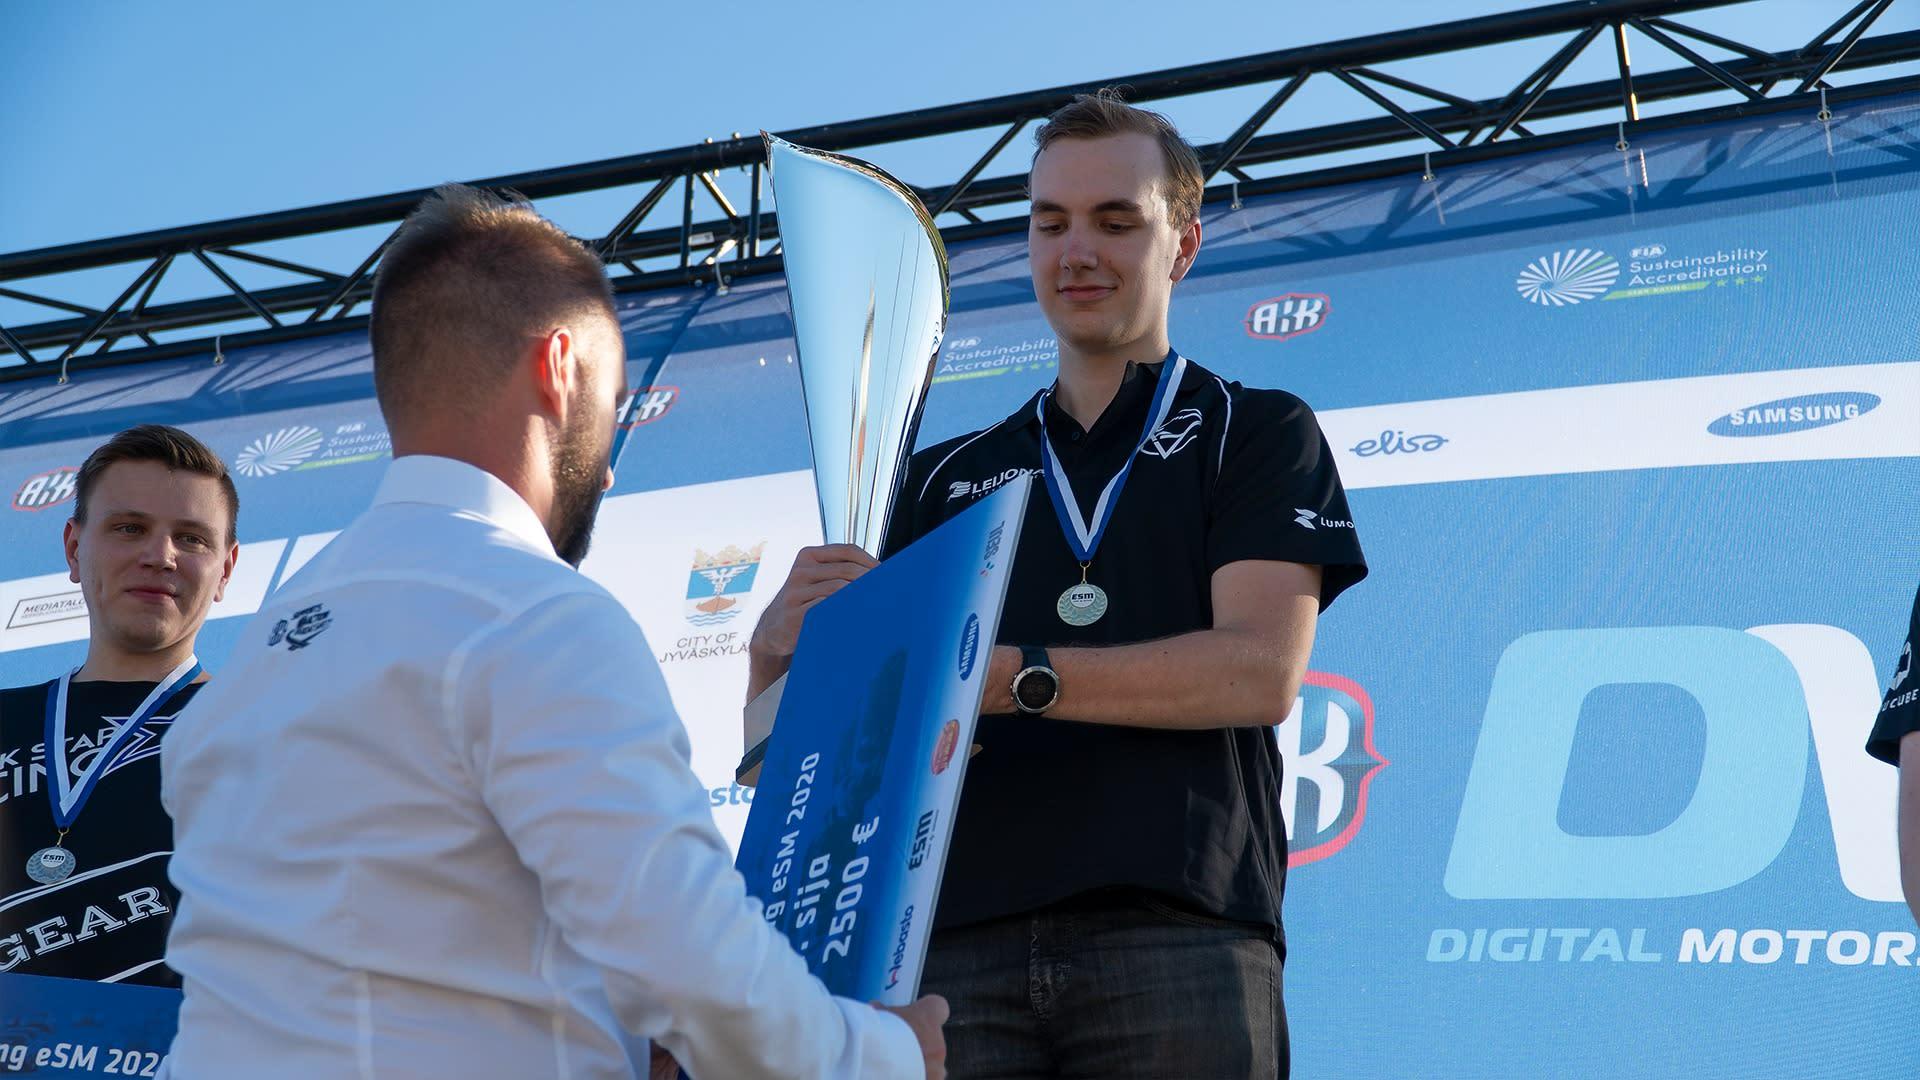 Tuomas Tähtelä Digital Racing eSM 2020 -tapahtumassa.